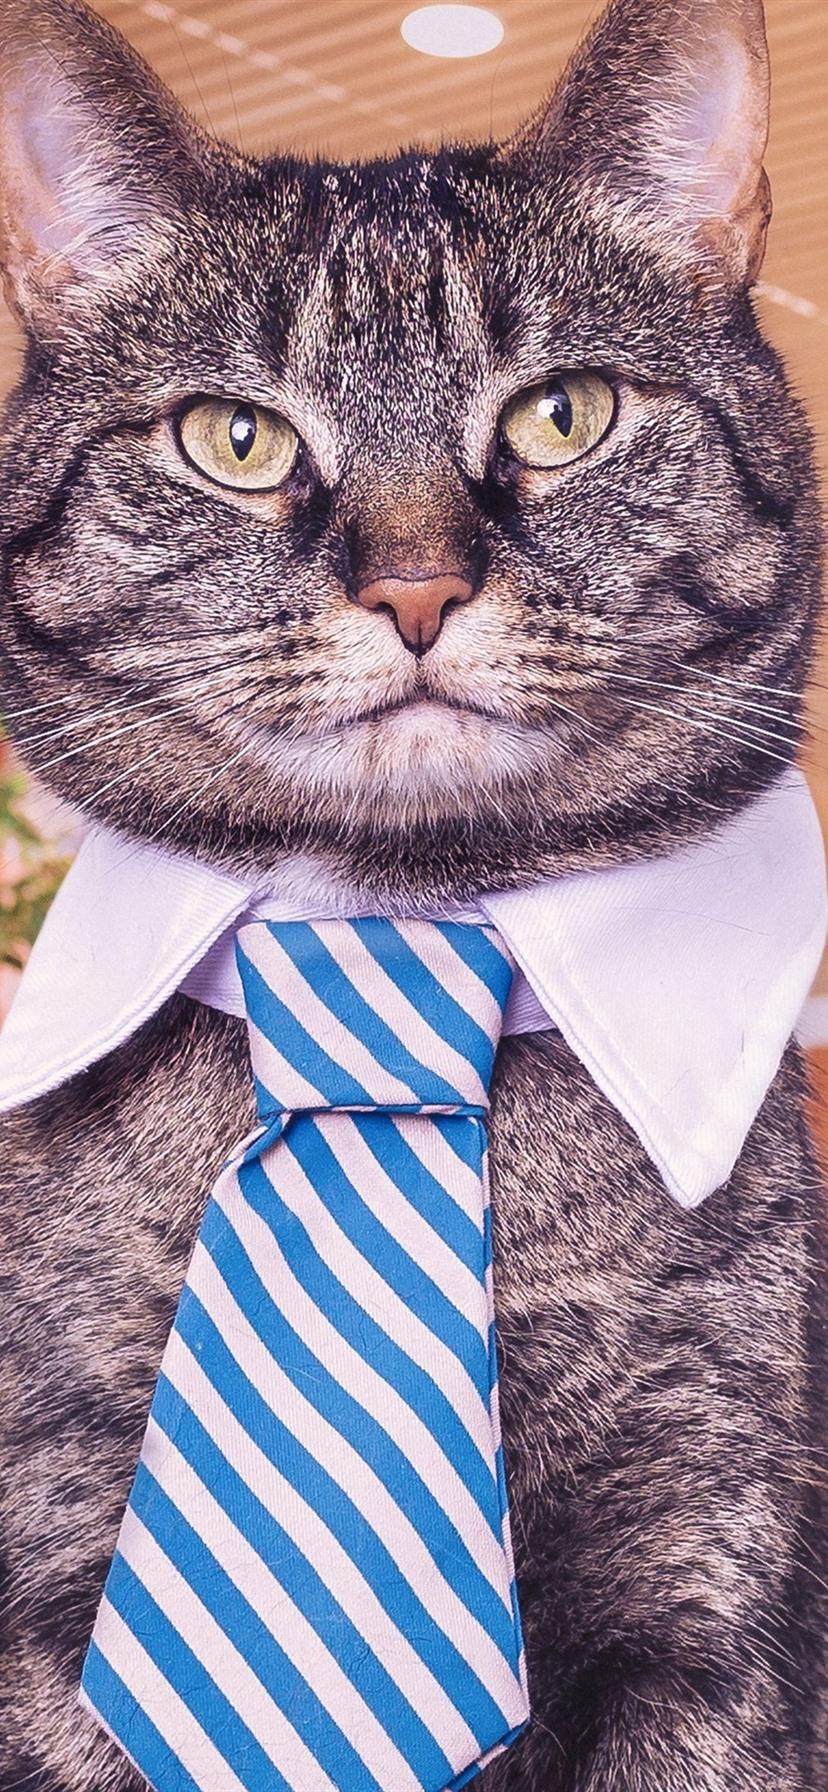 壁紙 面白い猫 ネクタイ 3840x2160 Uhd 4k 無料のデスクトップの背景 画像